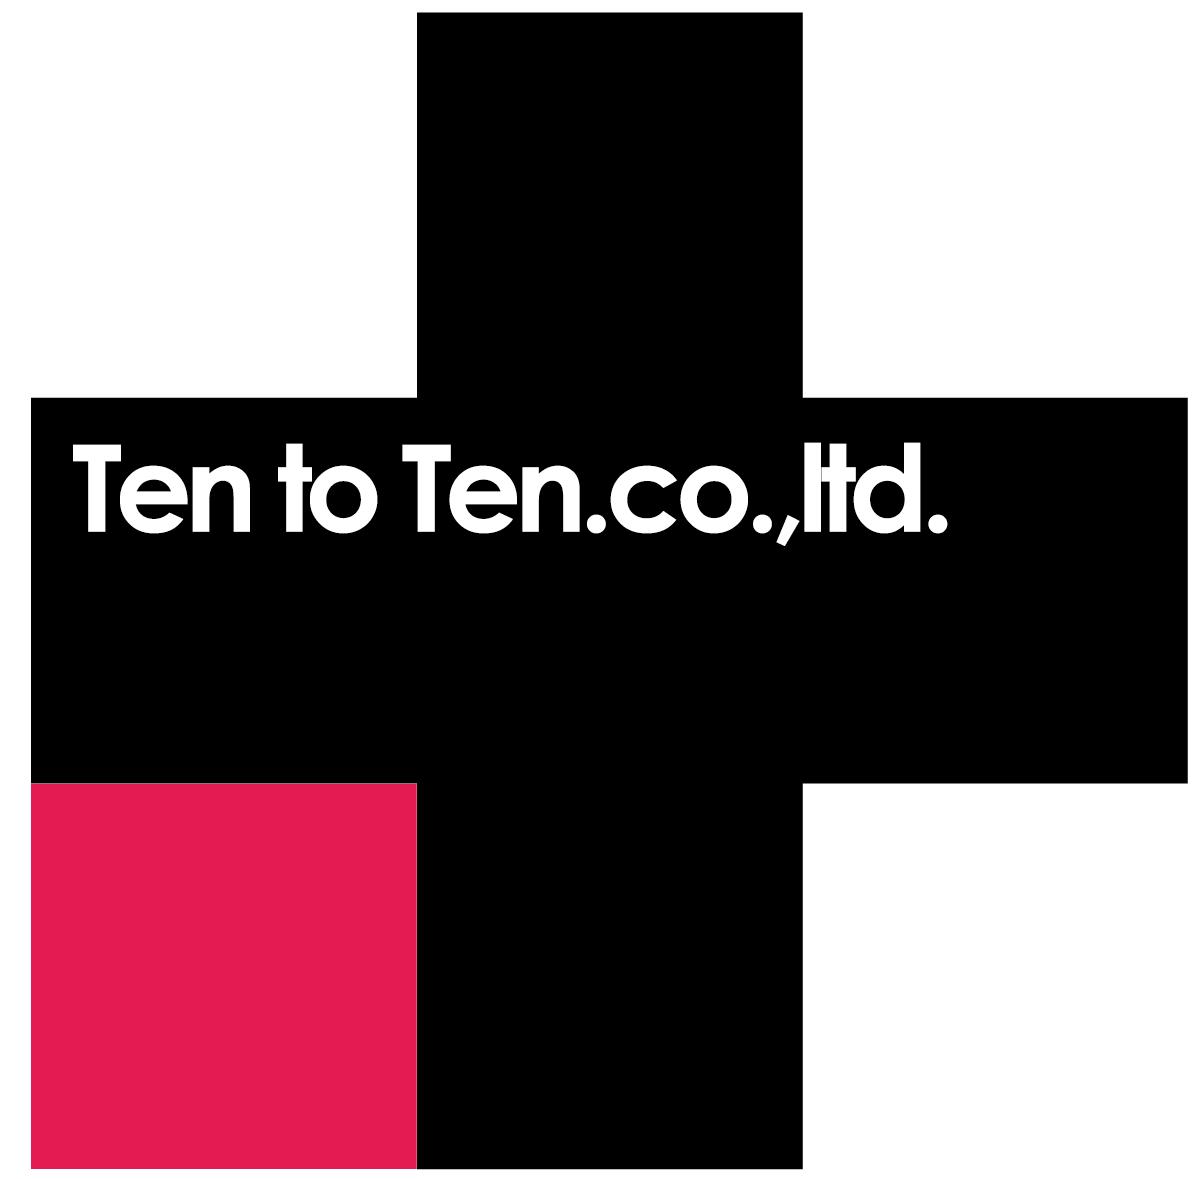 オフィスデザインのテントテン 10to10.jp